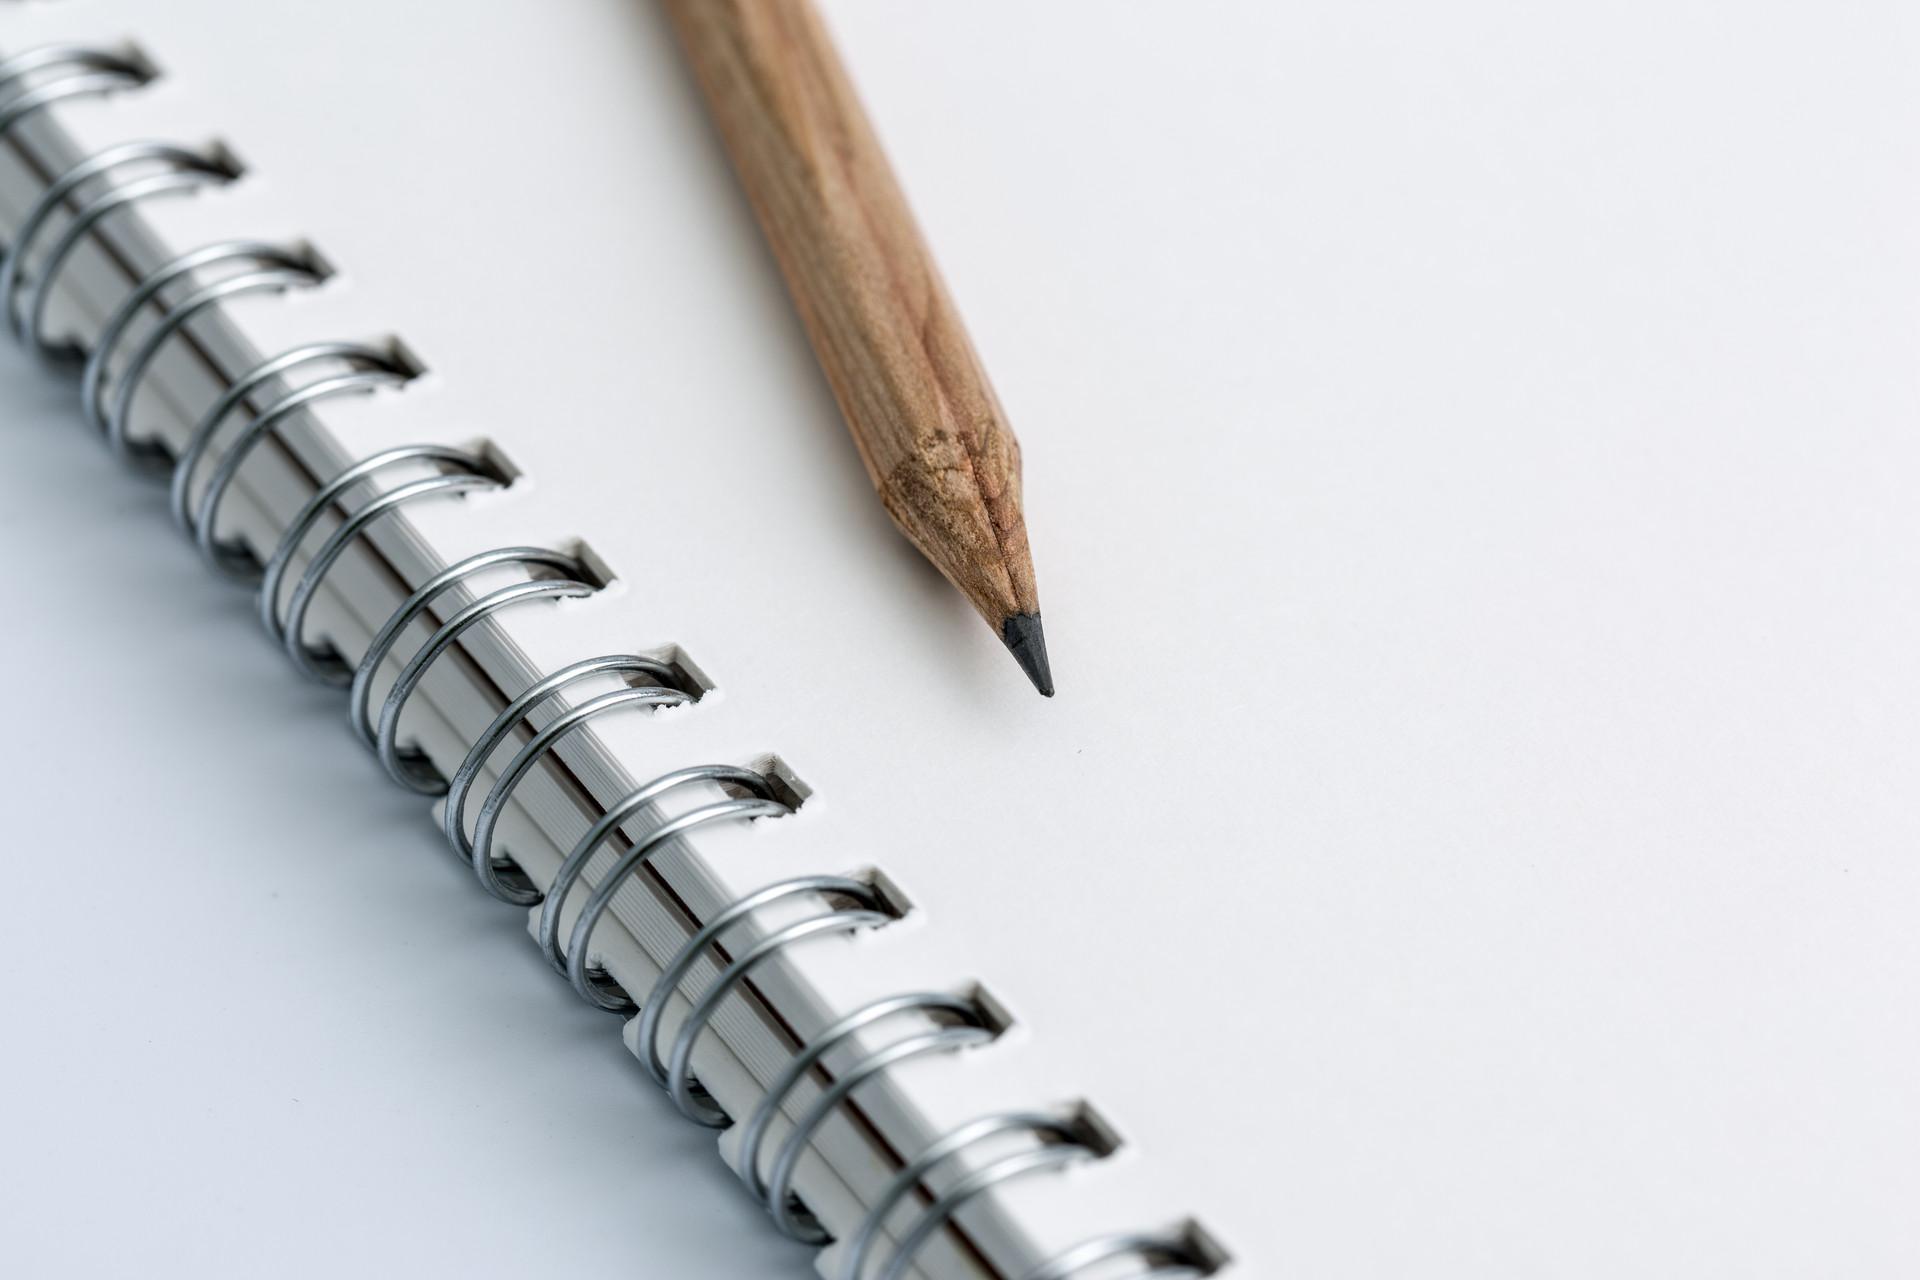 代理记账,选择成都代理记账公司有什么好处,成都代理记账